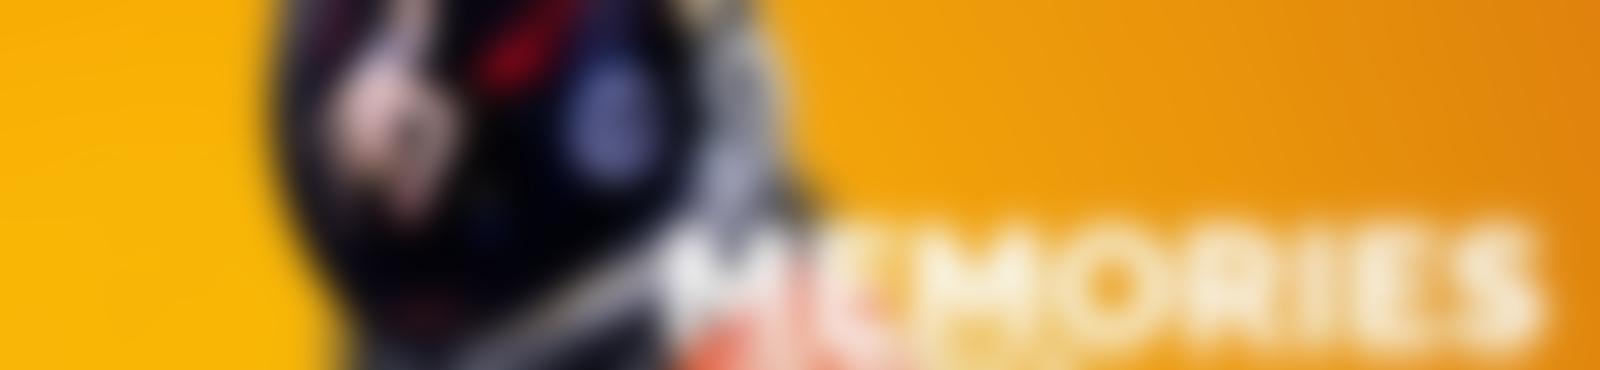 Blurred 8520d889 9d1c 411c a556 4d7c78051d3b